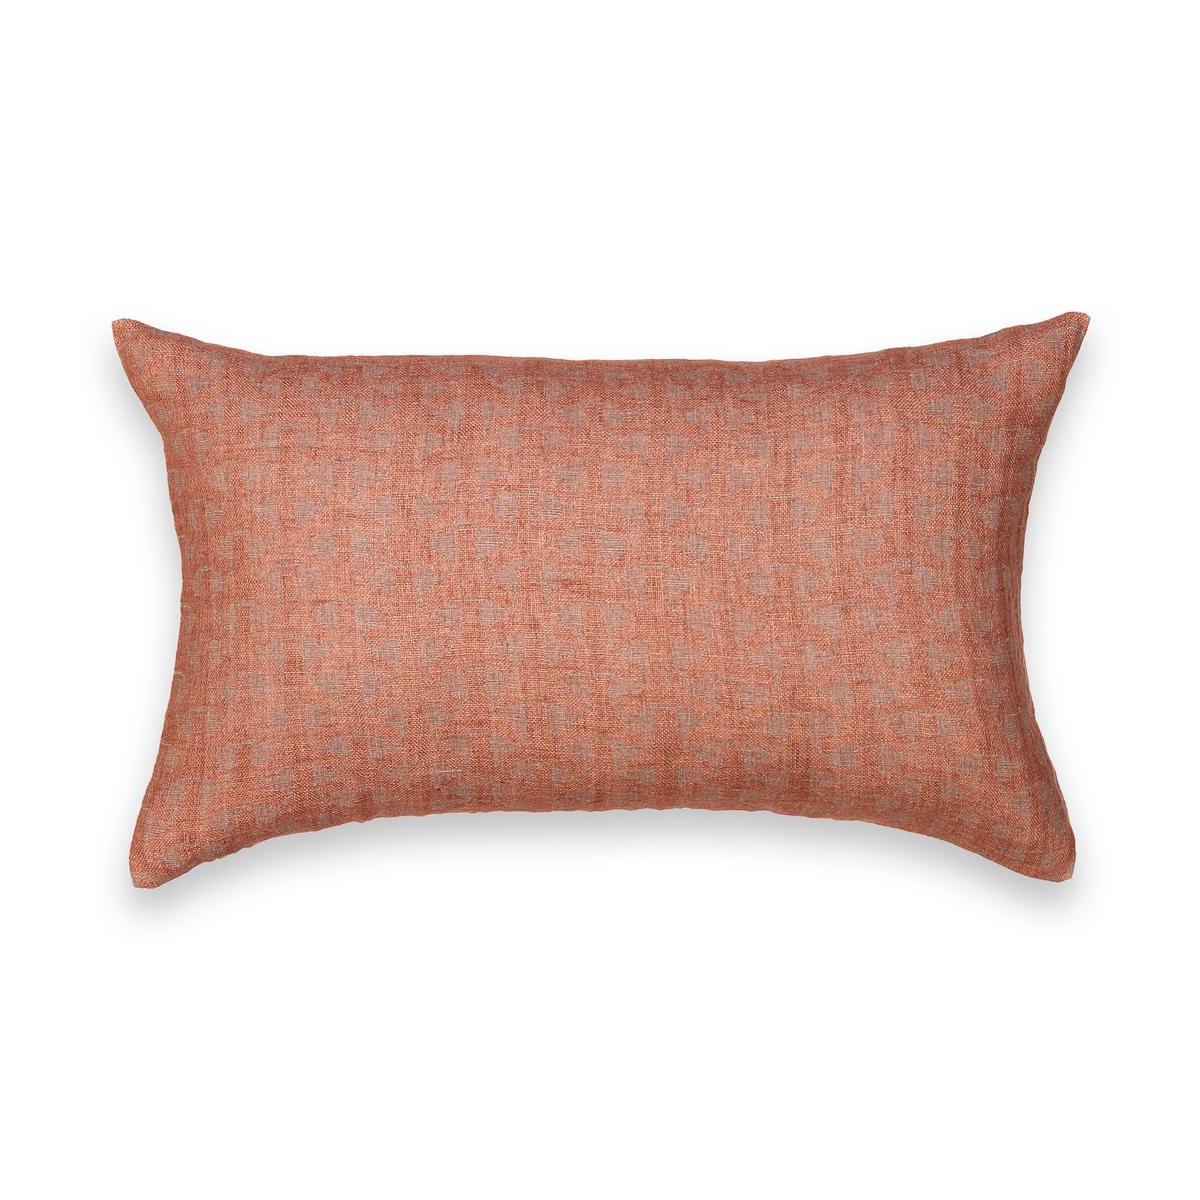 Наволочка La Redoute Из льна Boon me 50 x 30 см каштановый комплект из полотенце для la redoute рук из хлопка и льна nipaly 50 x 100 см белый